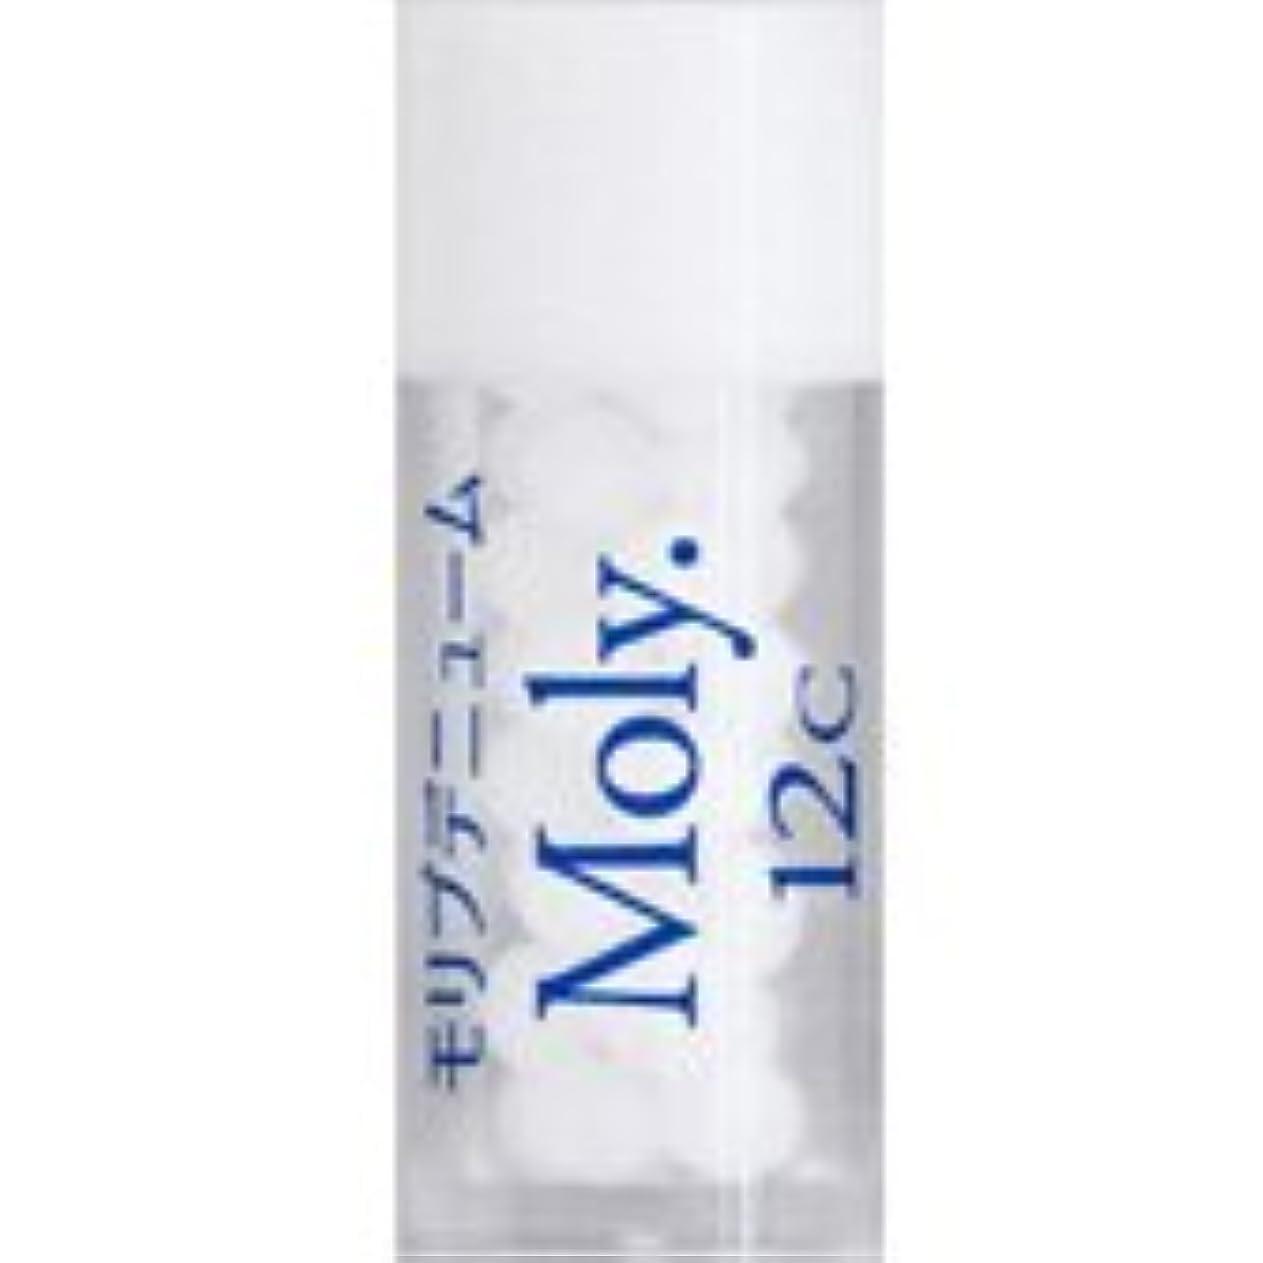 余計なハンカチプレミア36バイタルエレメントキット 対応 各種 (29)Moly.12C モリブデニューム)